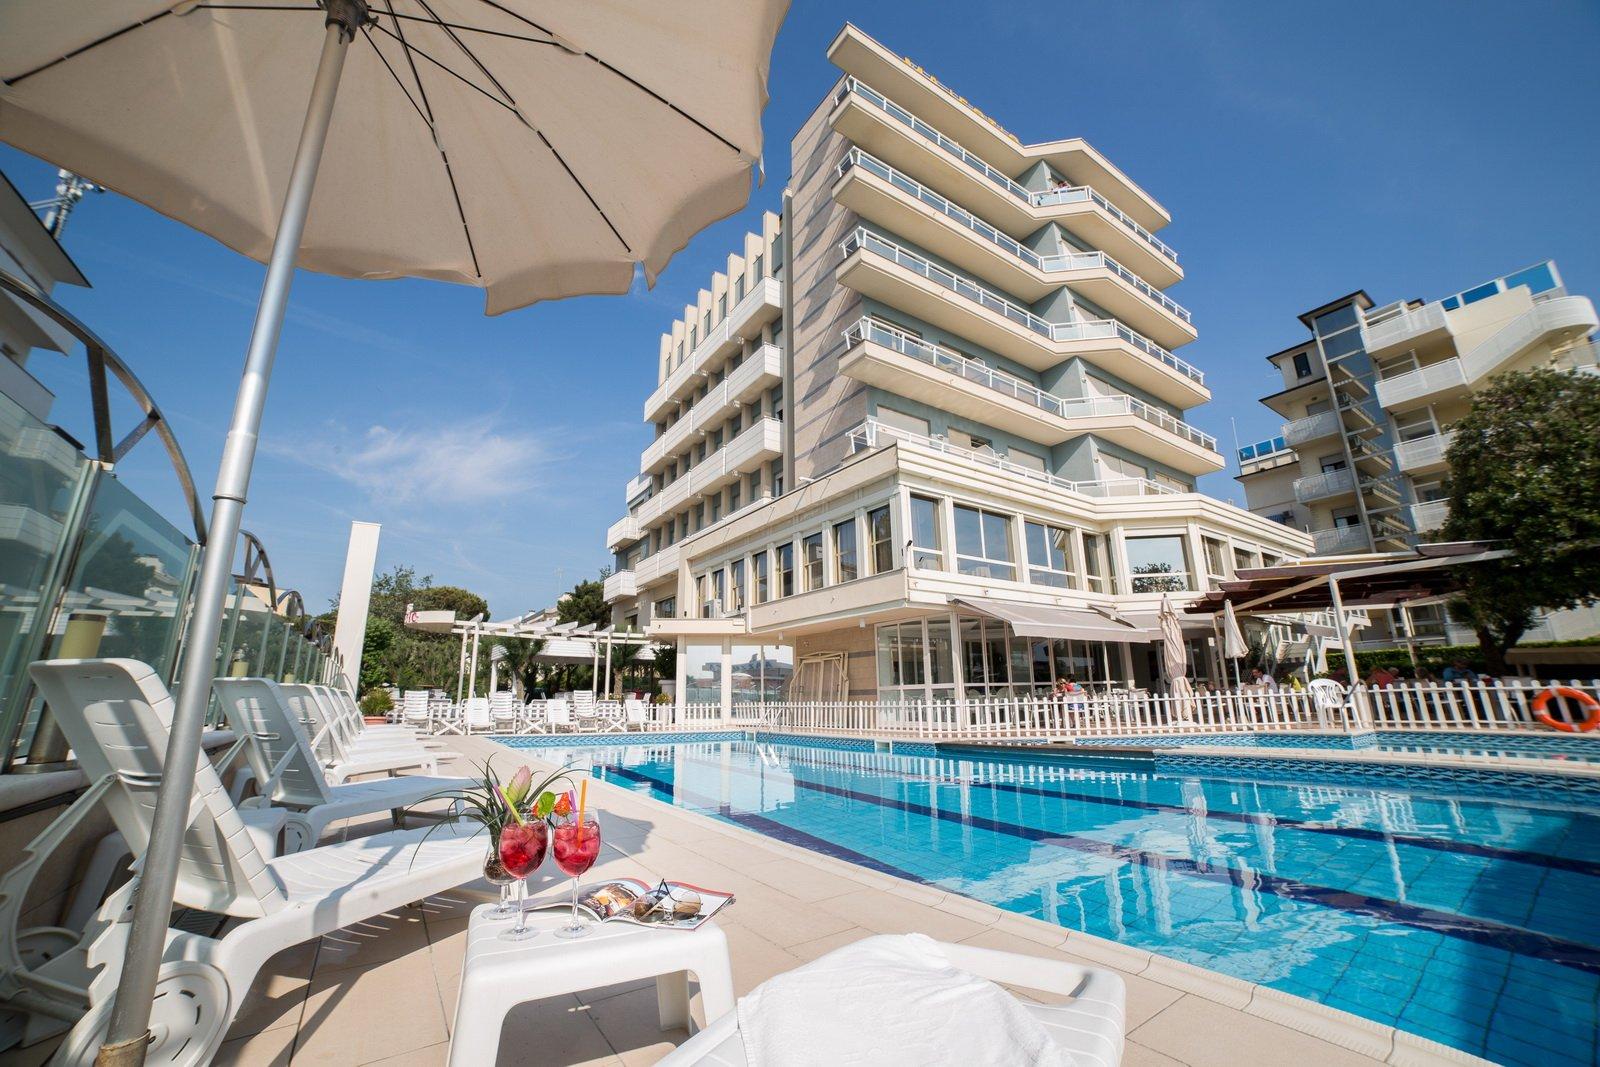 Hotel 3 stelle milano marittima con piscina hotel della ferla - Hotel con piscina coperta milano marittima ...